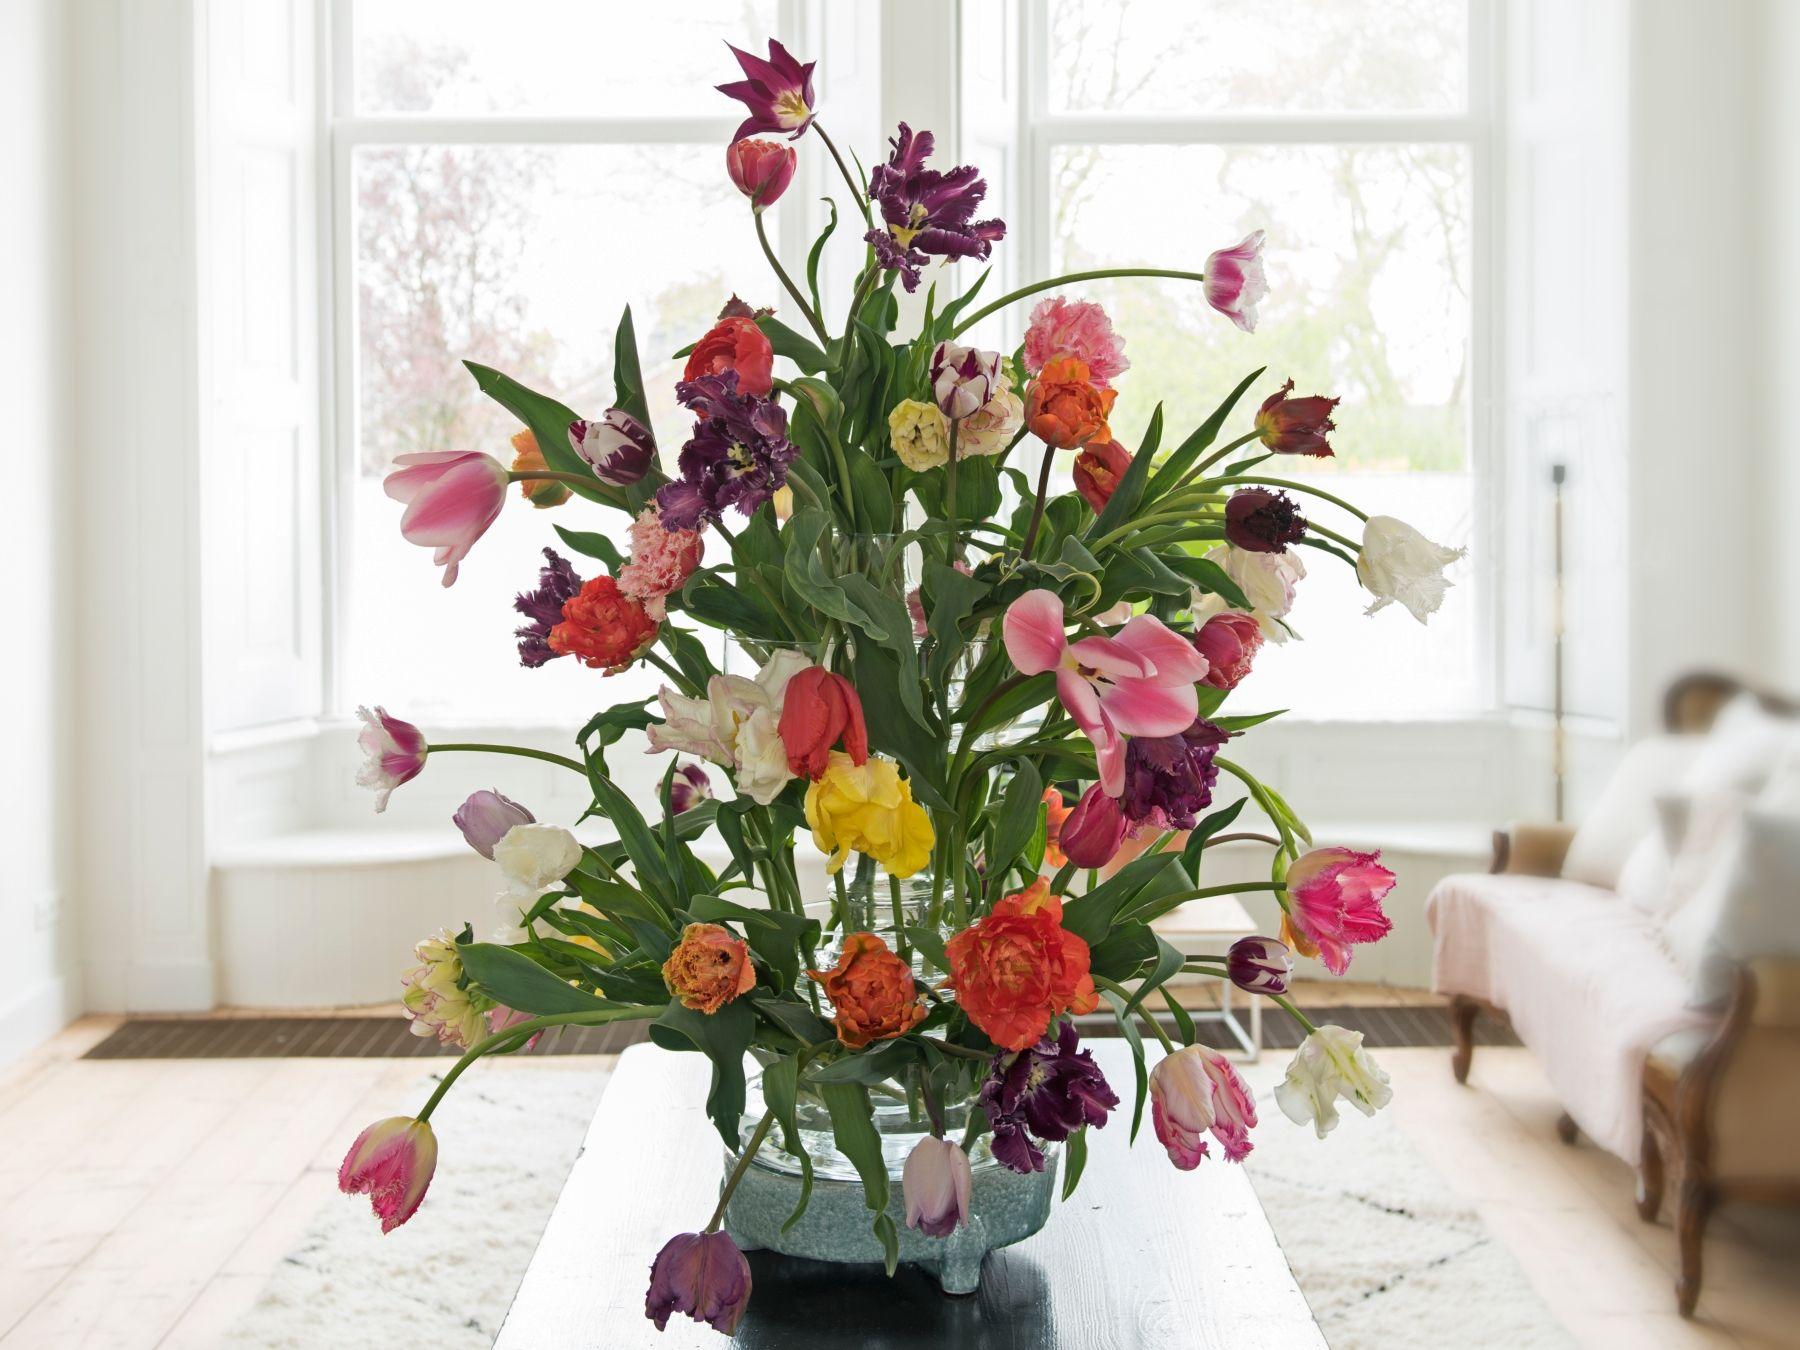 7 Zasad Jak Przedluzyc Swiezosc Kwiatow Cietych Plants Floral Wreath Floral